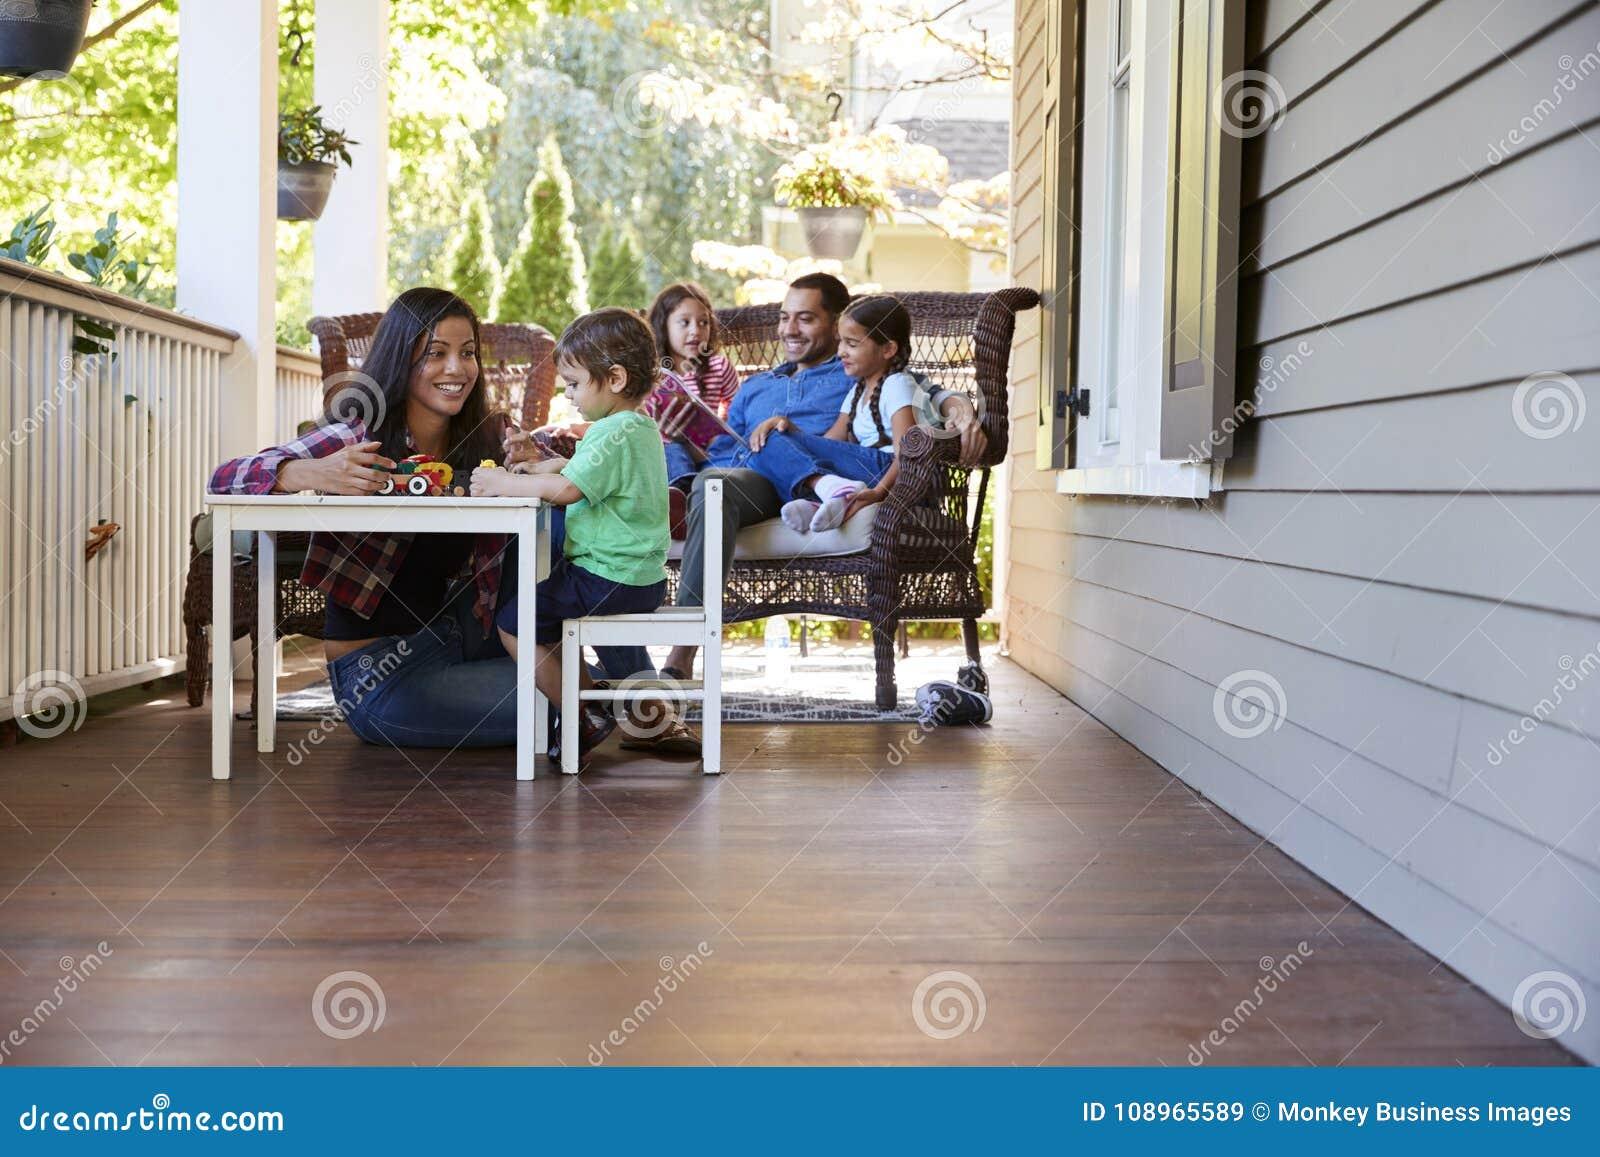 Livros de leitura de Sit On Porch Of House da família e jogos do jogo